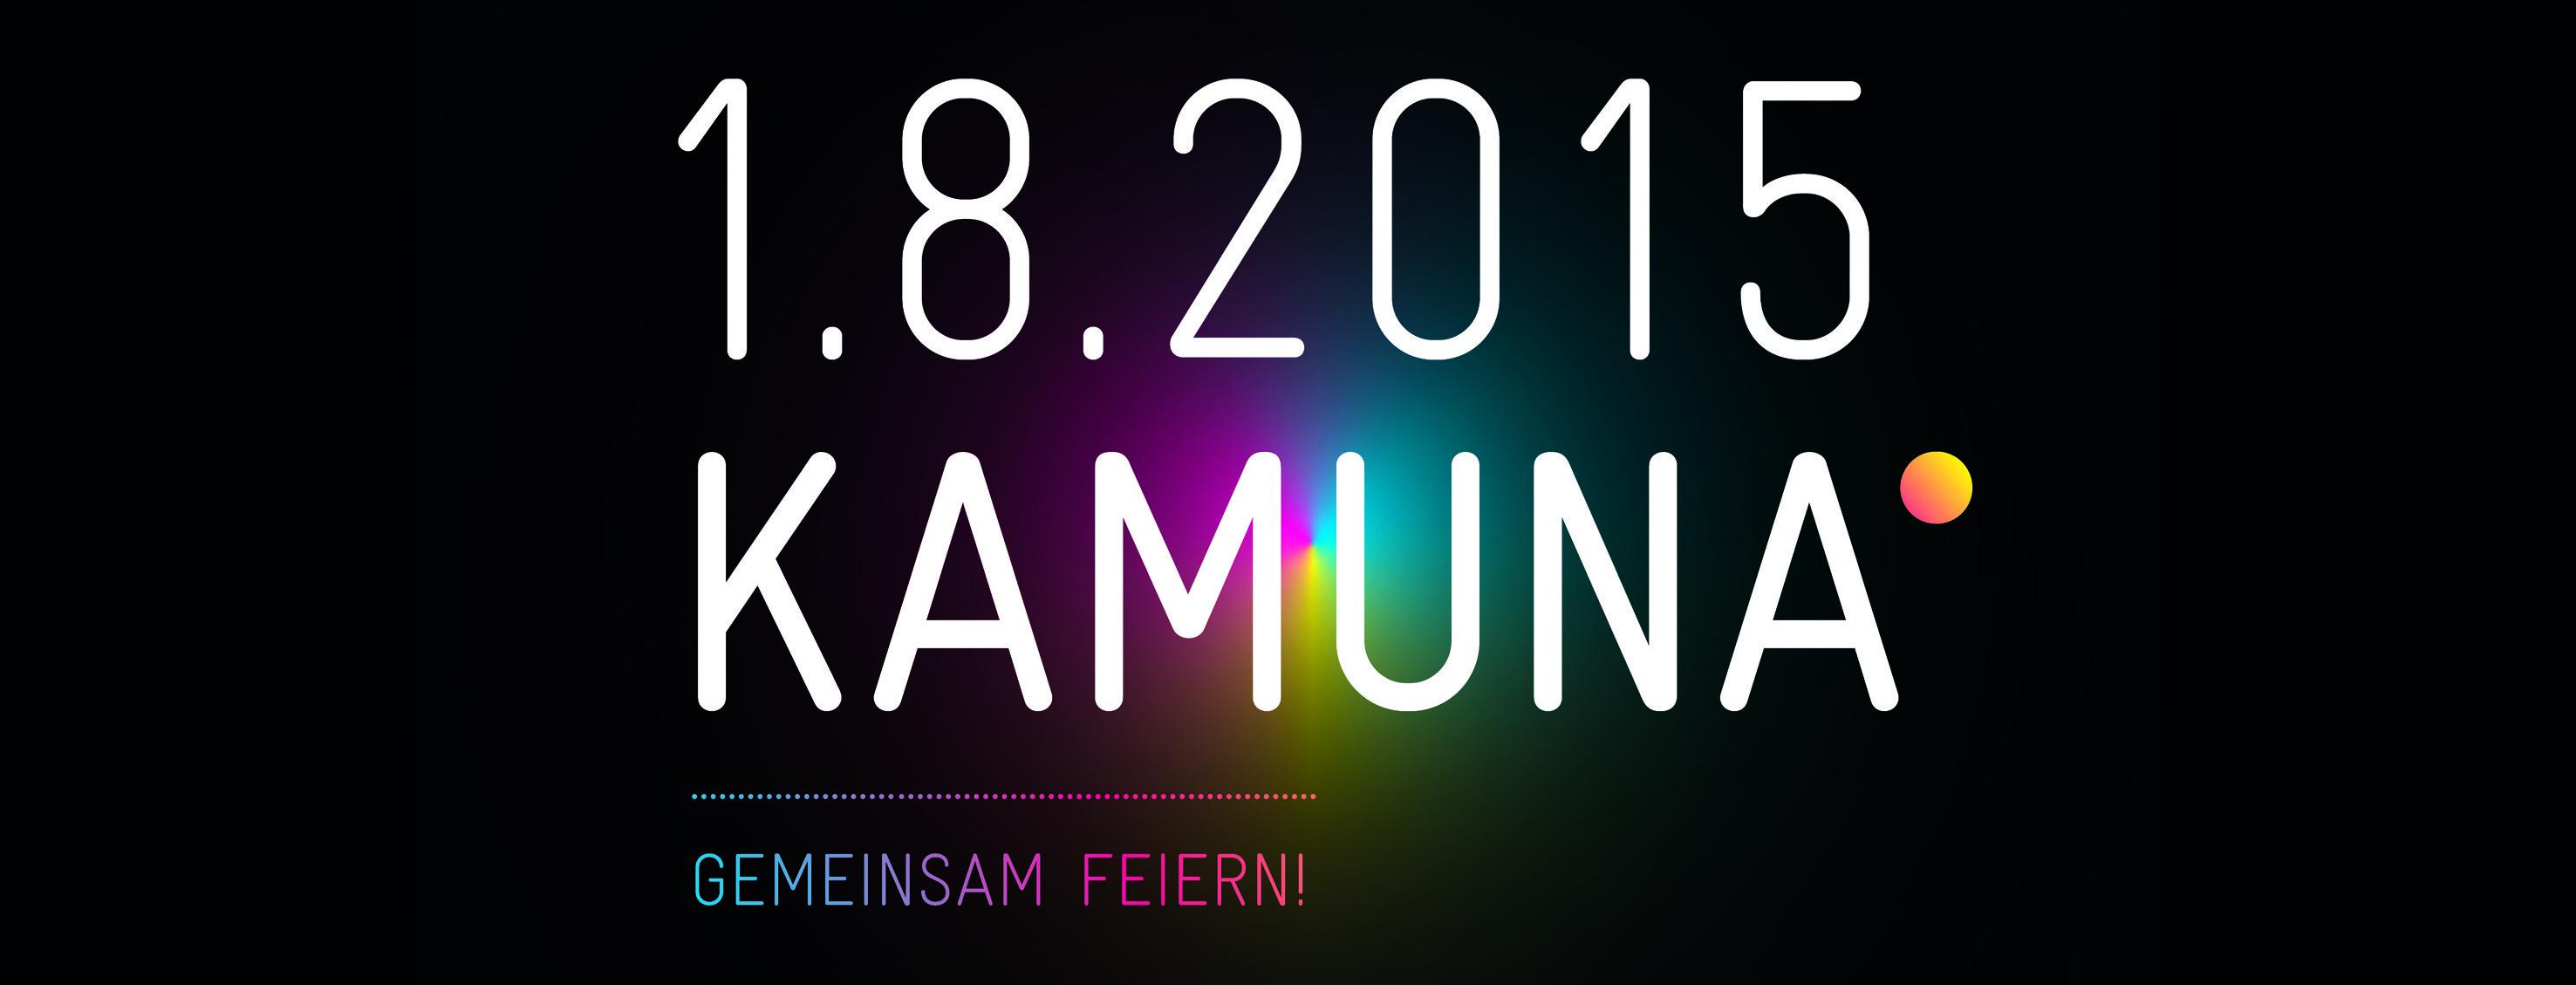 KAMUNA_2015_web1